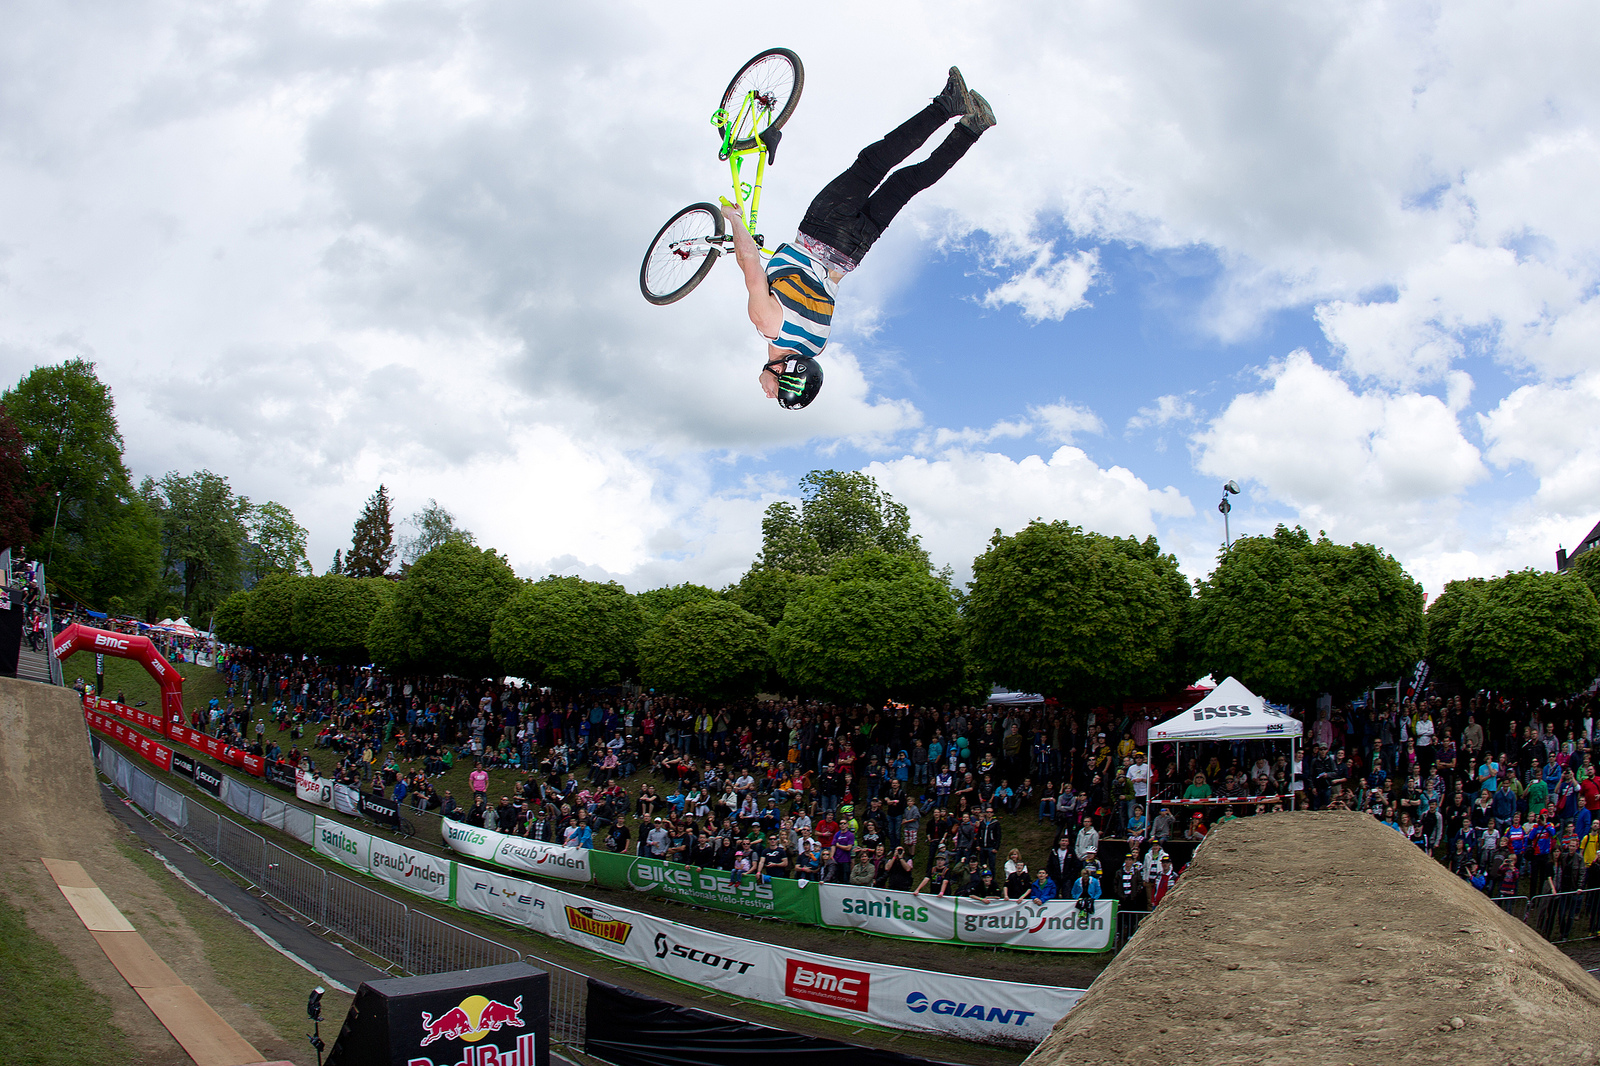 Bike Days Solothurn 2013 Sam Pilgrim Dirt Jump